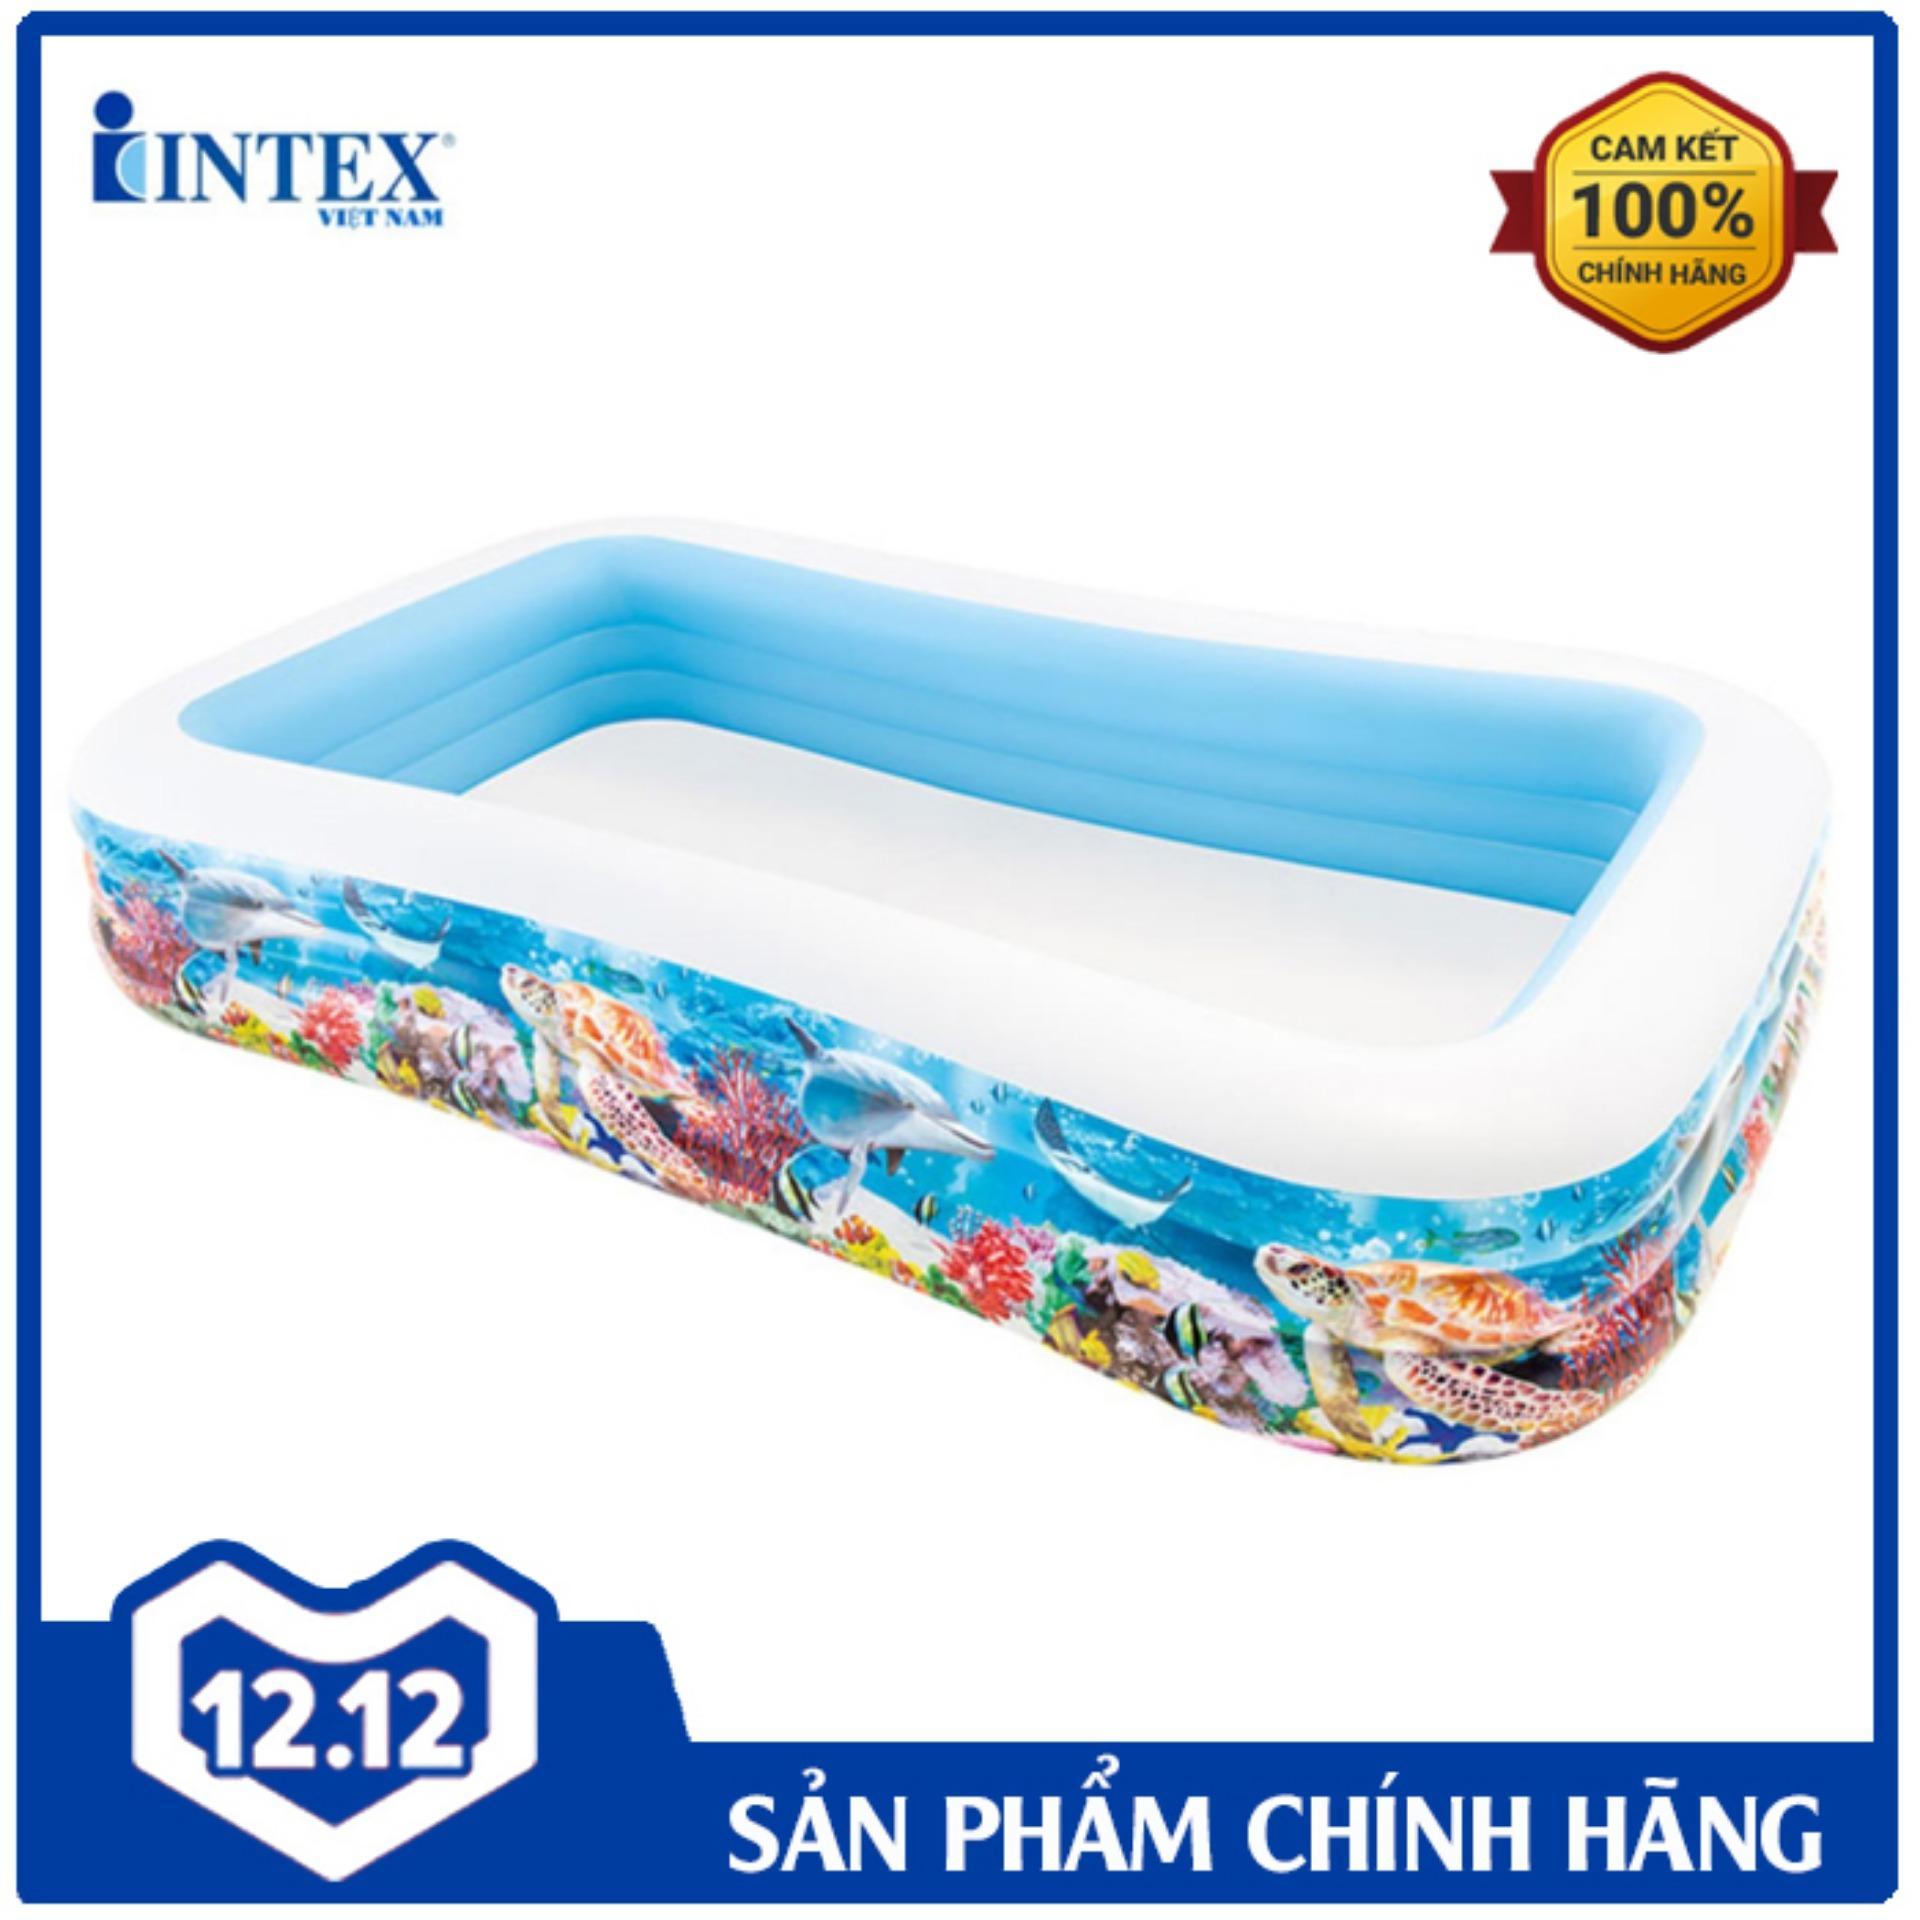 Bể Bơi Phao đại Dương INTEX 58485 - Hồ Bơi Cho Bé Mini, Bể Bơi Phao Trẻ Em Giá Tốt Không Thể Bỏ Qua